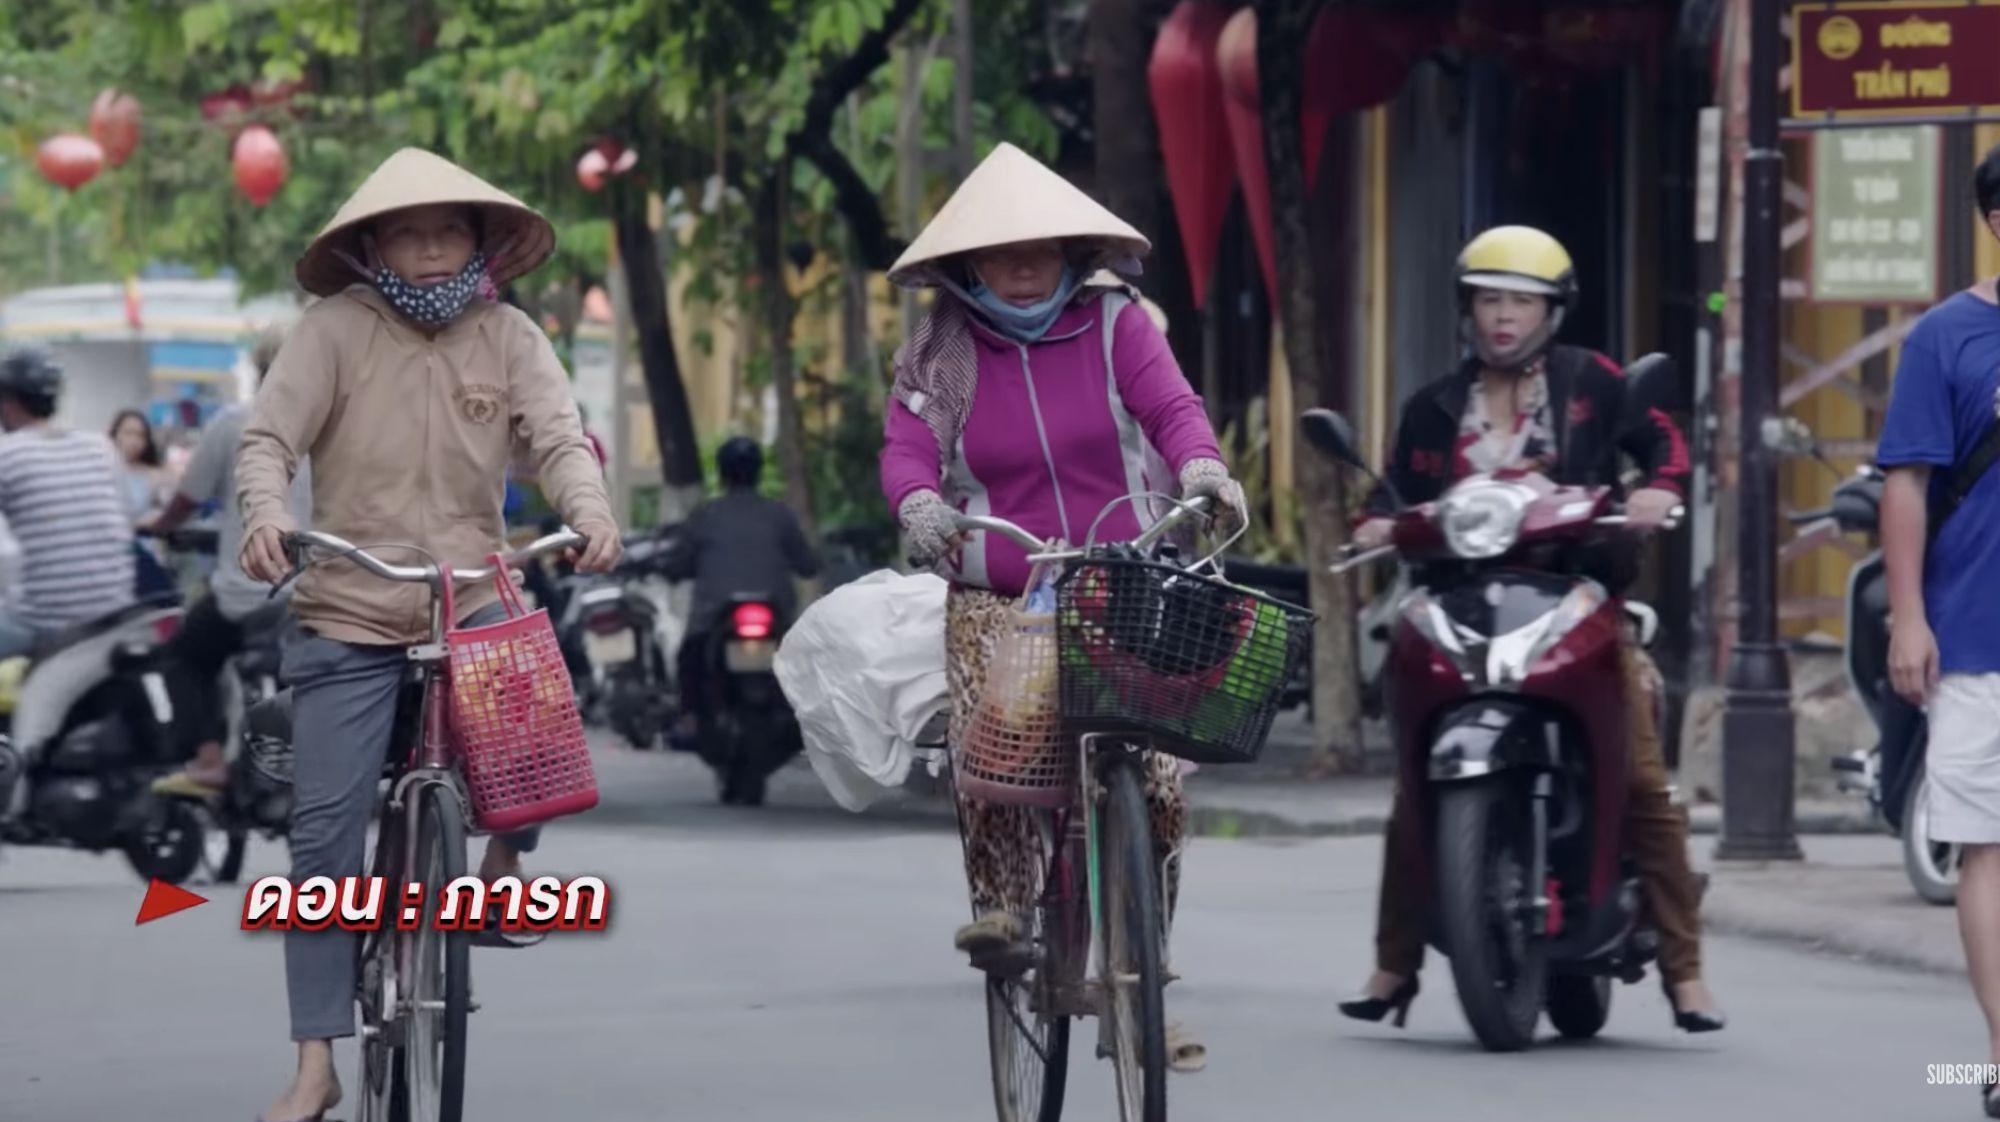 Ngắm loạt ảnh Đà Nẵng - Hội An đẹp ngỡ ngàng trong phim Wolf Thái Lan (8)